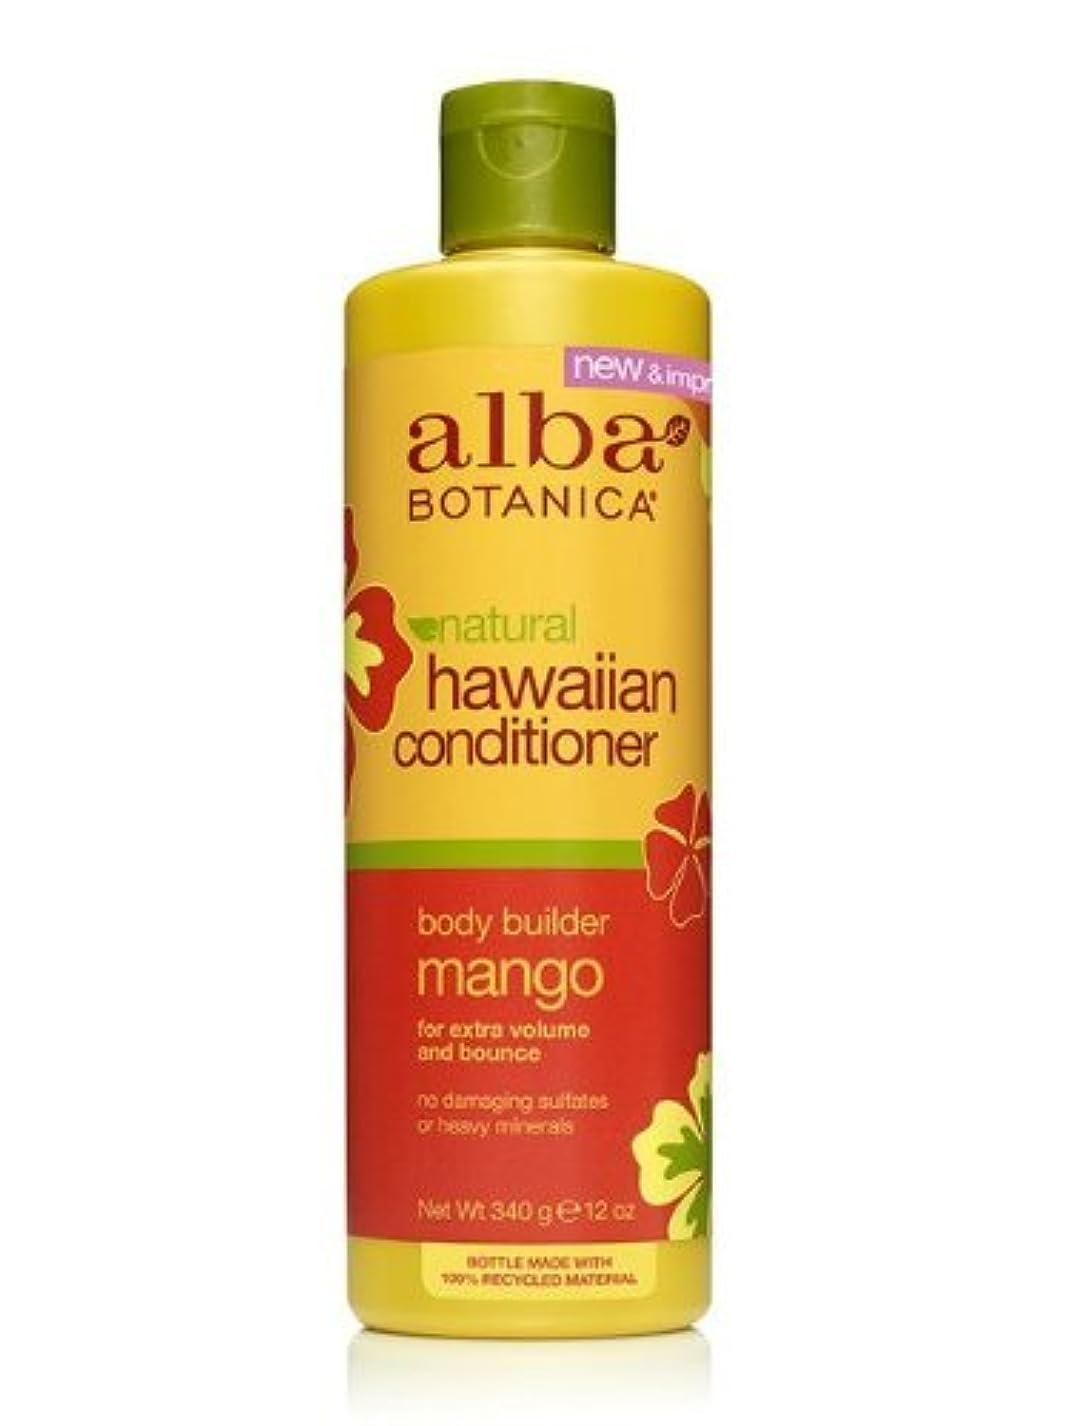 呼ぶ変更彼女alba BOTANICA アルバボタニカ ハワイアン ヘアコンディショナー MG マンゴー